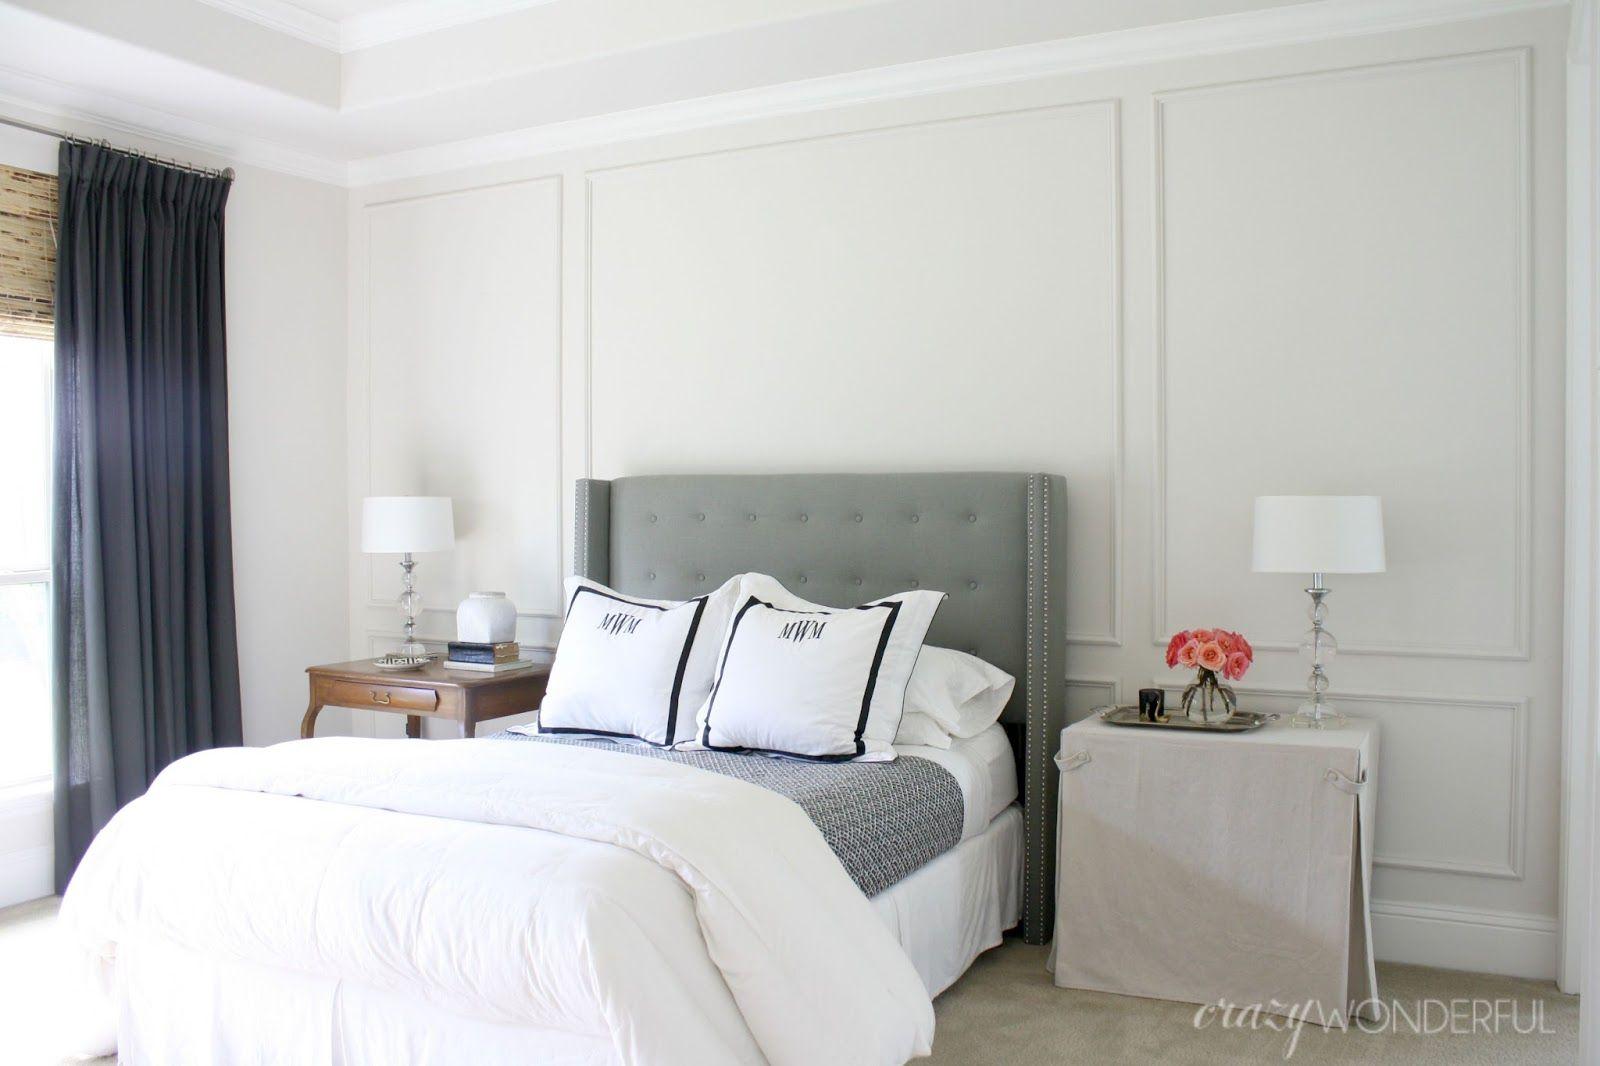 DIY picture frame moulding More | Ideias para a casa | Pinterest ...